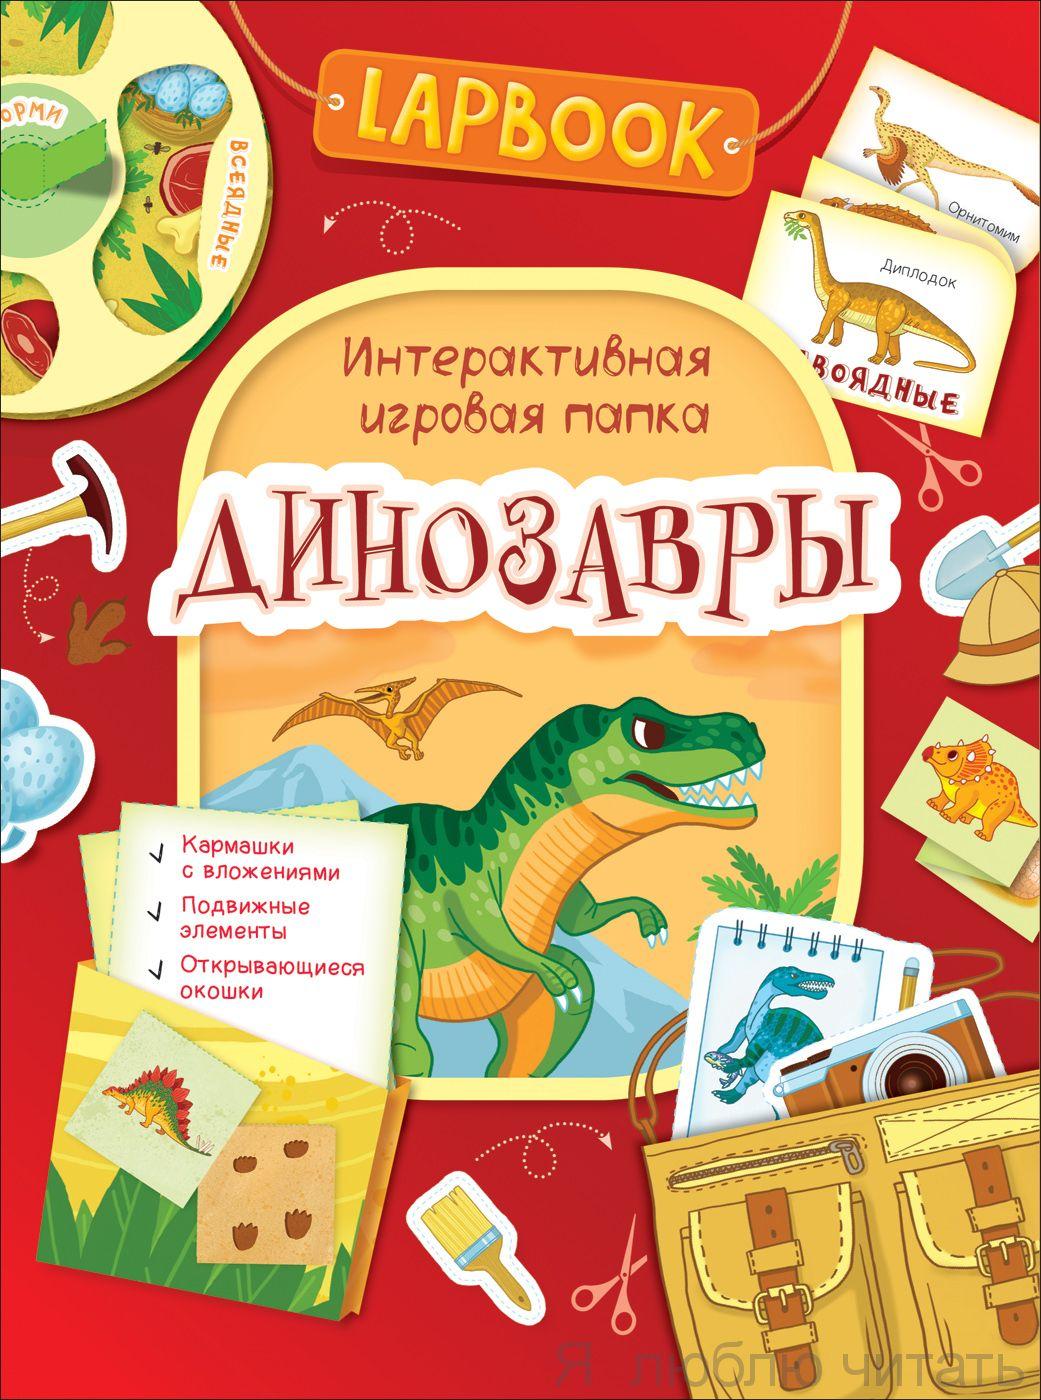 Lapbook. Динозавры. Интерактивная игровая папка